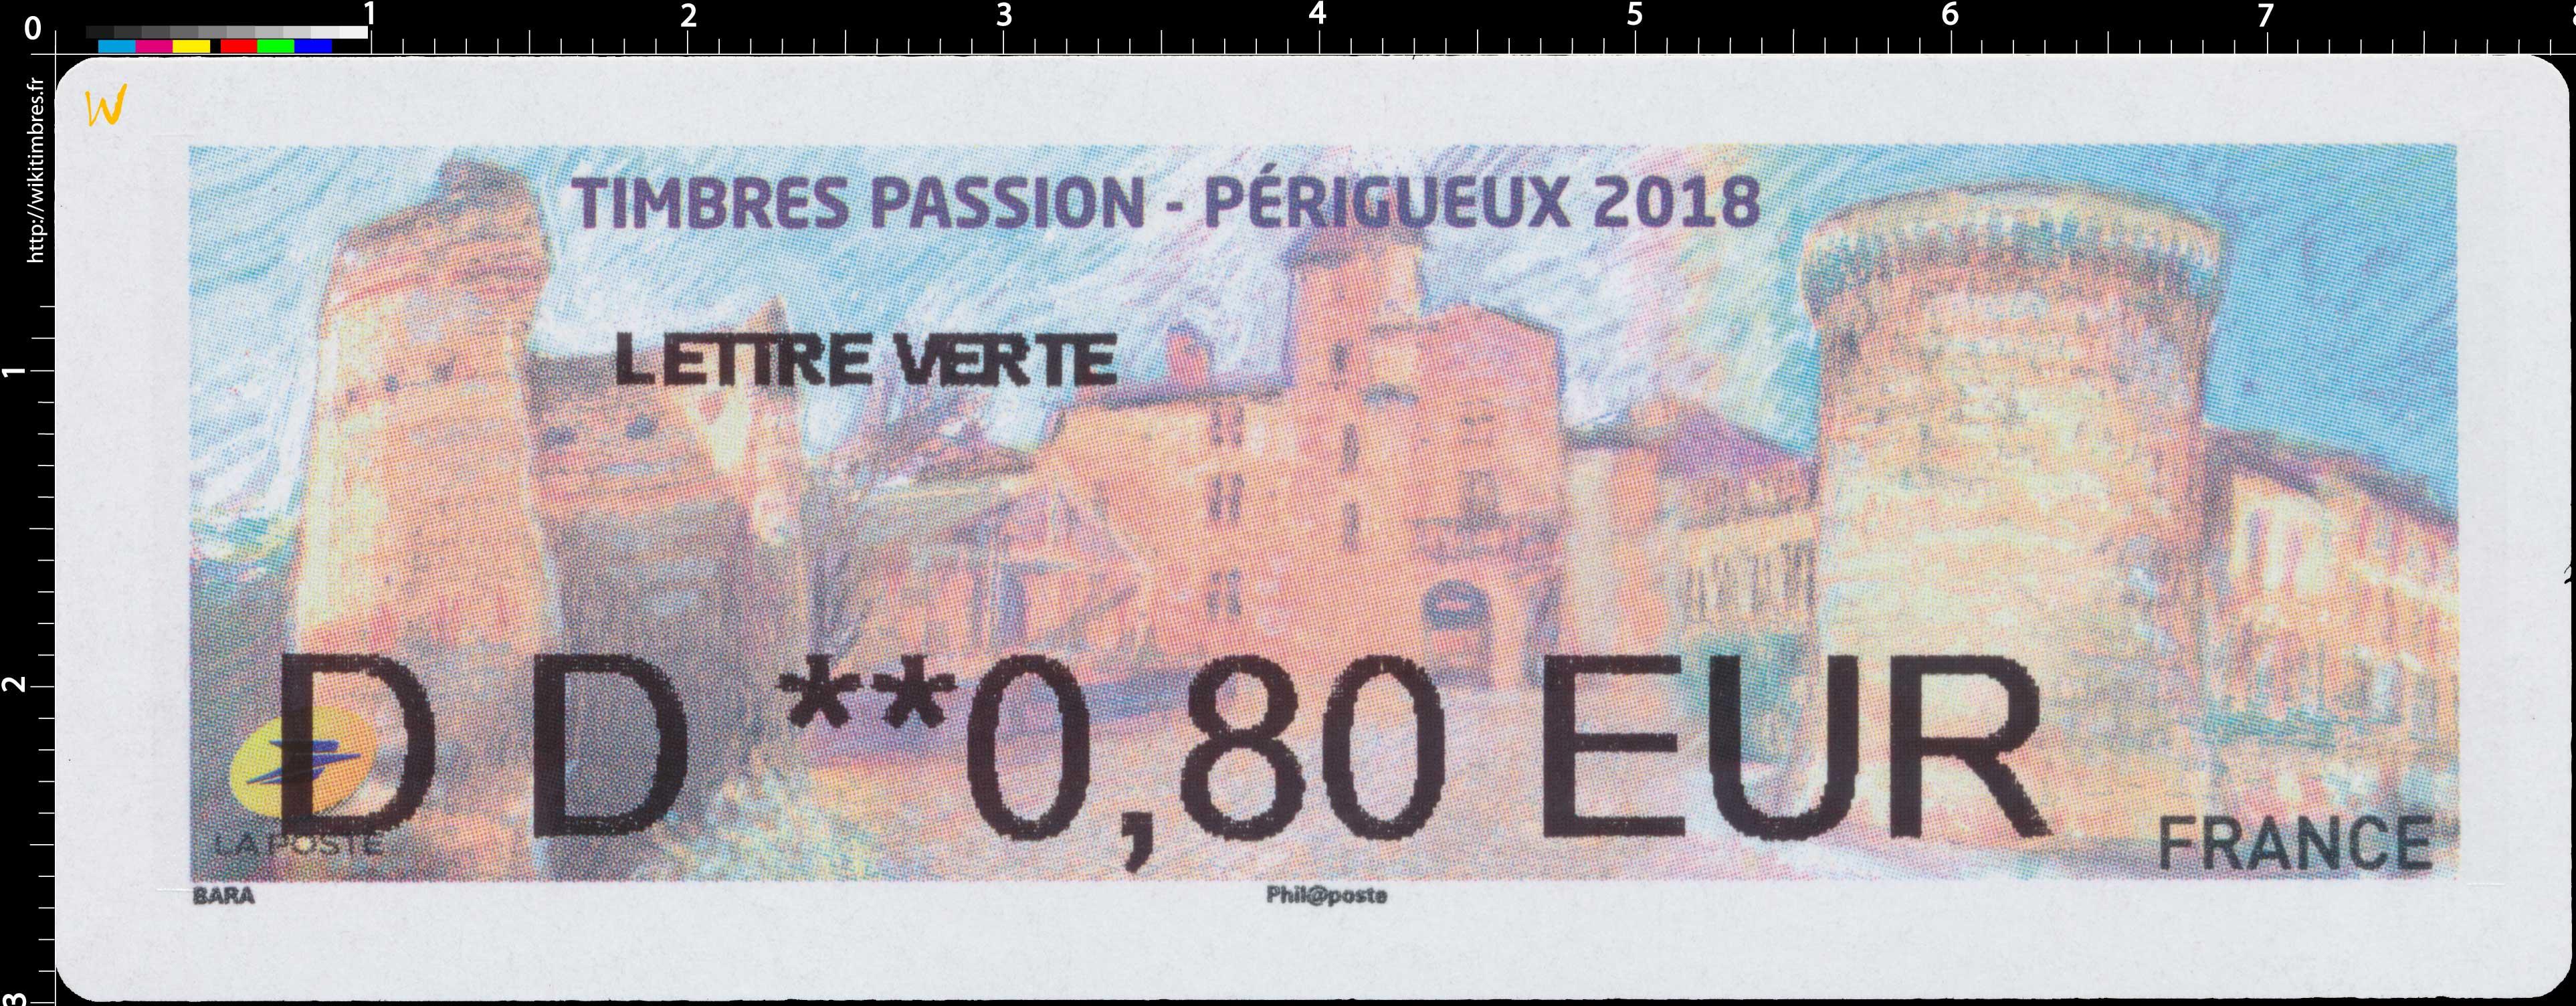 2018 Timbre-Passion à Périgueux